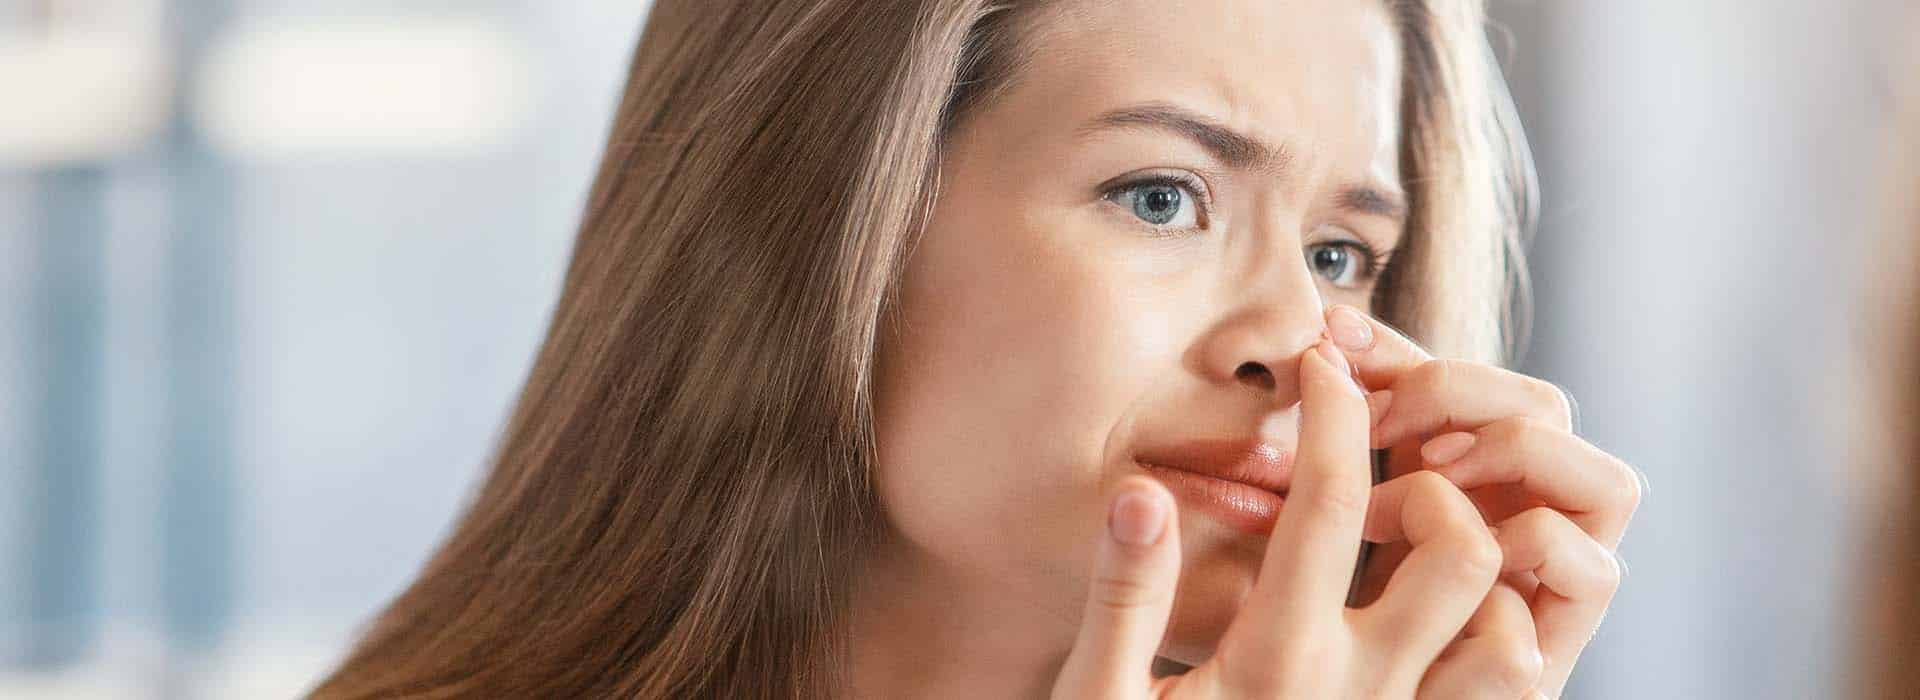 Tabique nasal desviado: Causas, cirugía y resultados